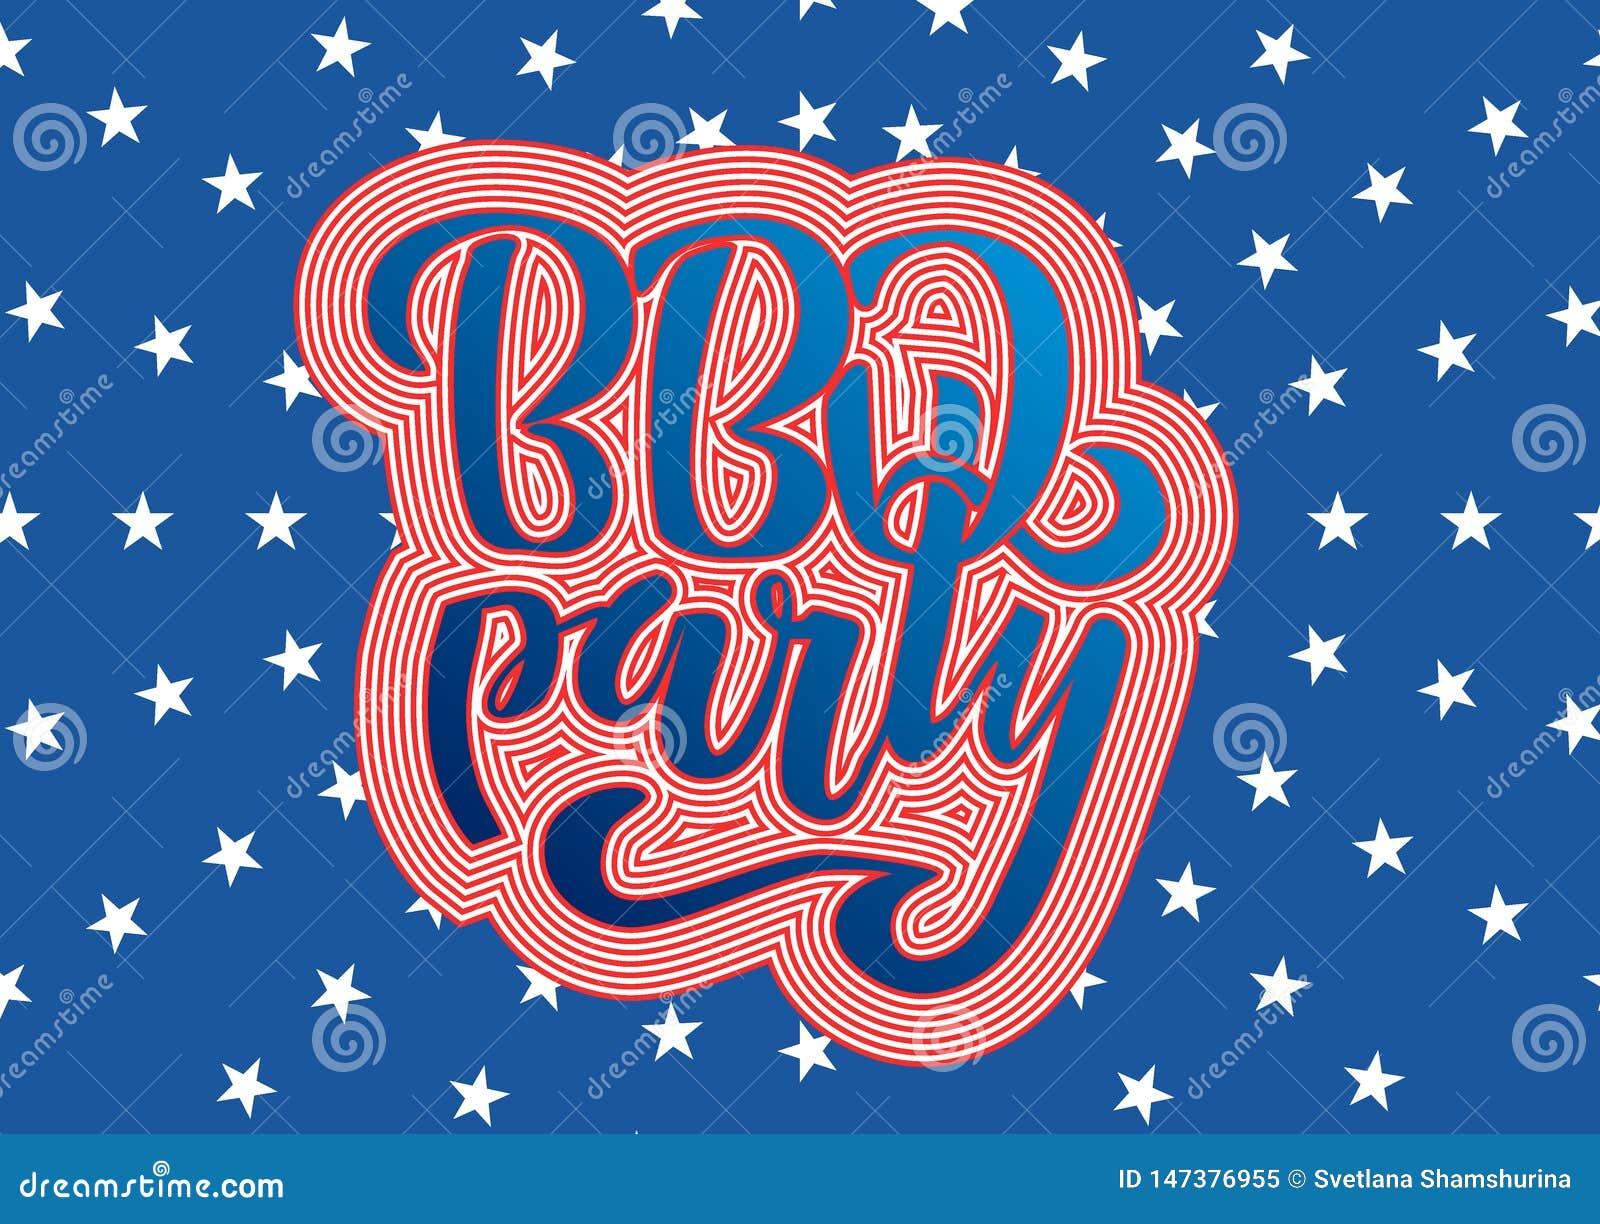 4 BBQ van juli Partij het van letters voorzien de uitnodiging voor de Amerikaanse barbecue van de onafhankelijkheidsdag met 4 de